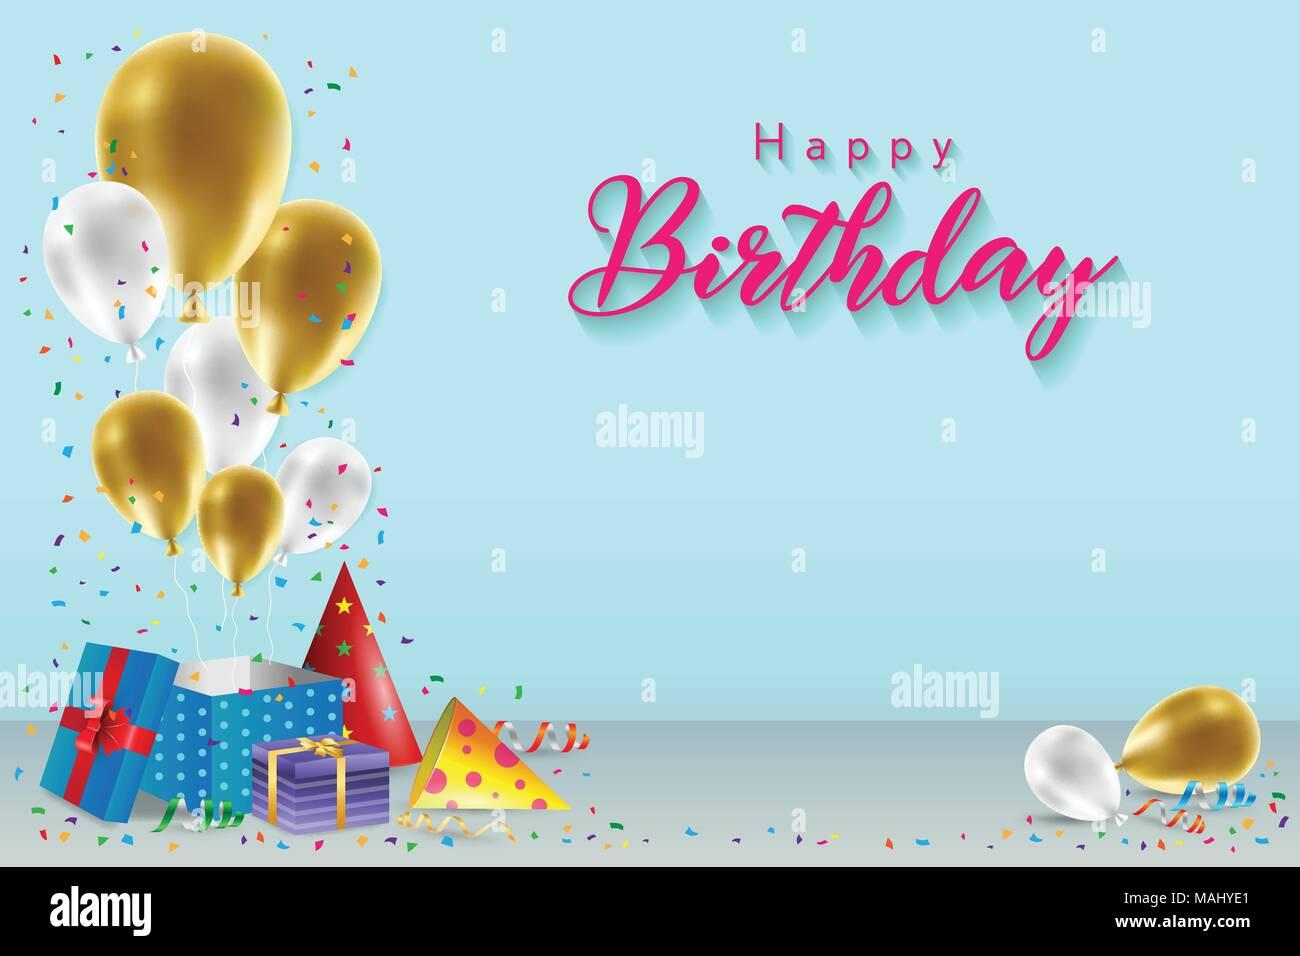 Feliz Cumpleaños Plantilla De Fondo, Cajas De Regalo Con